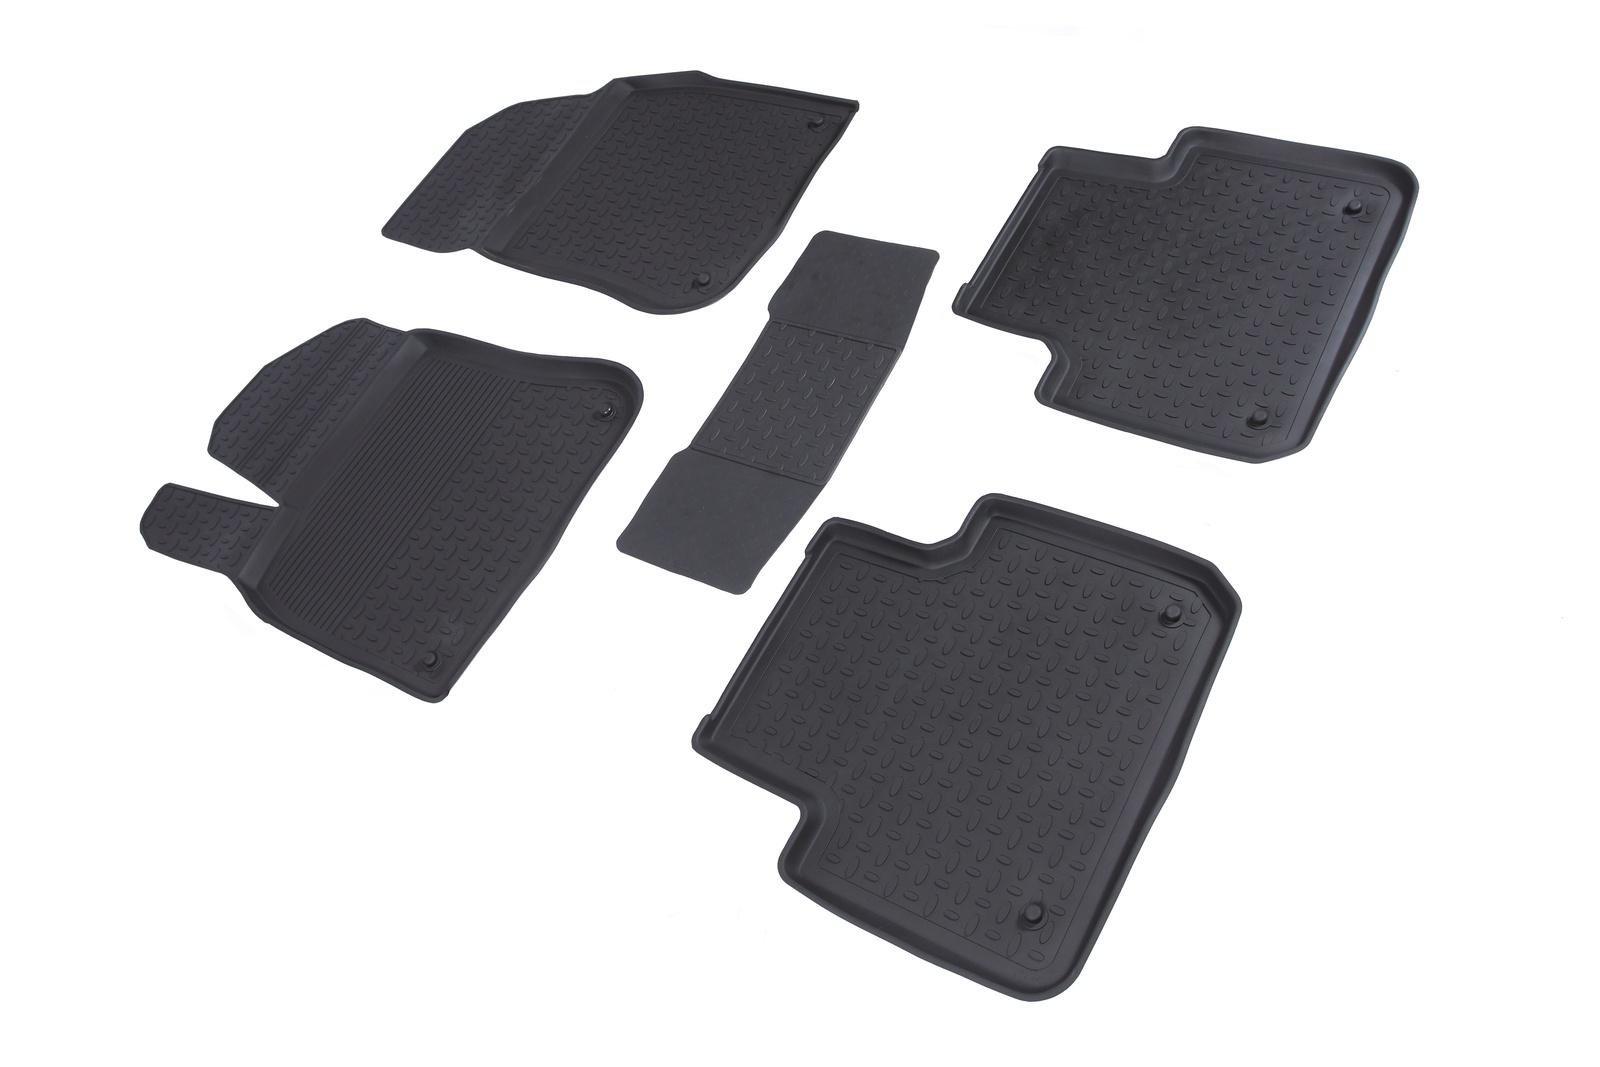 Коврики в салон автомобиля Seintex Резиновые коврики с высоким бортом для KIA Cerato 2013-н.в. недорго, оригинальная цена